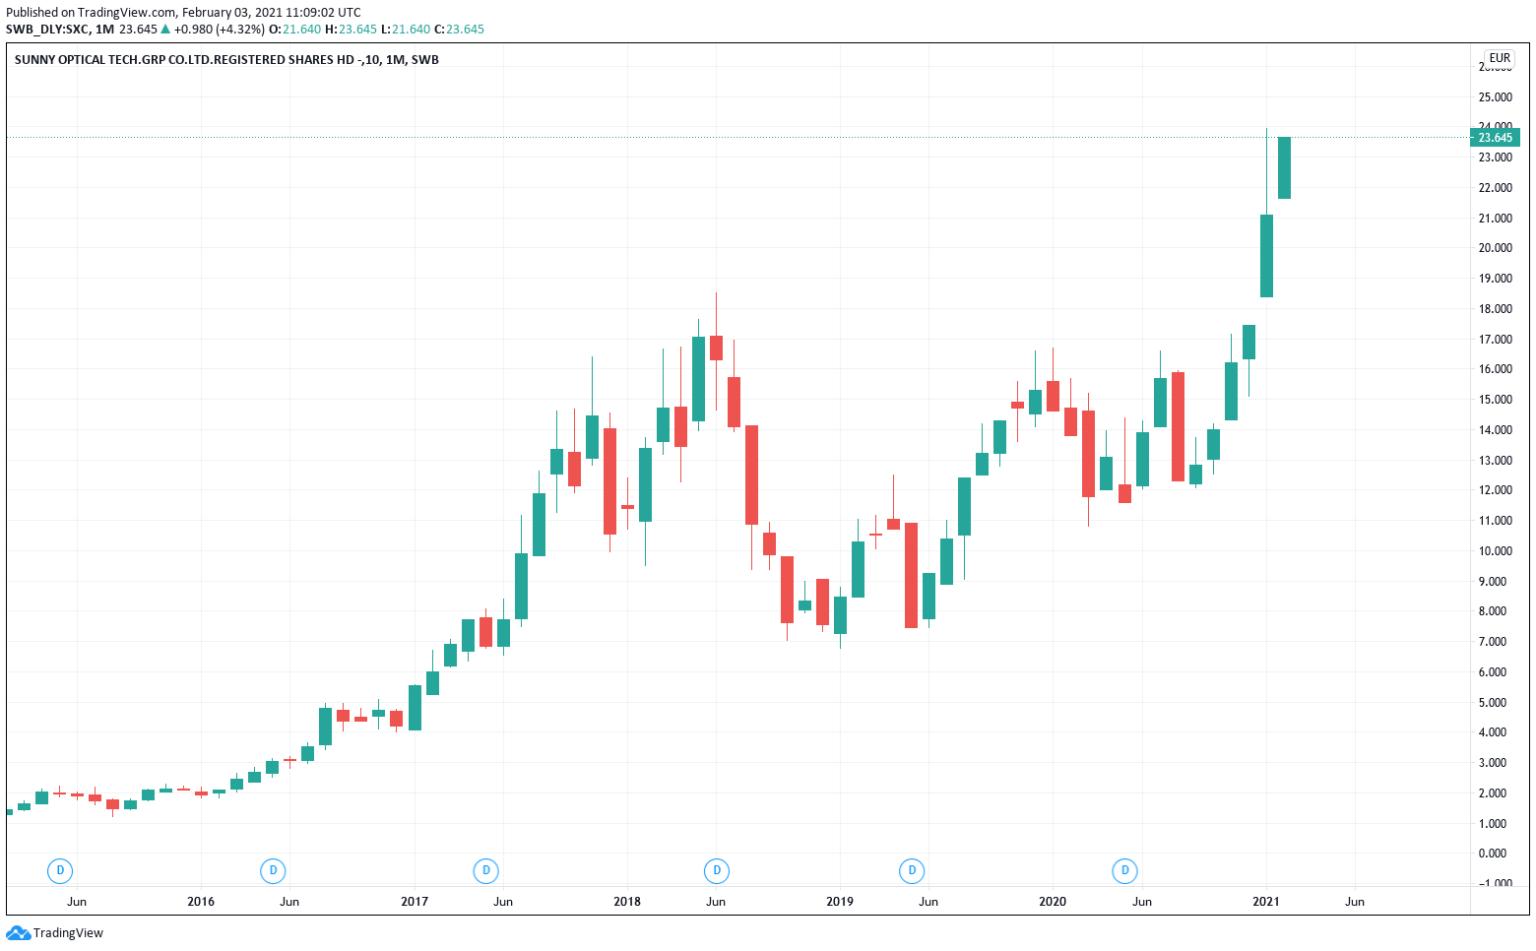 aussichtsreiche chinesische aktien